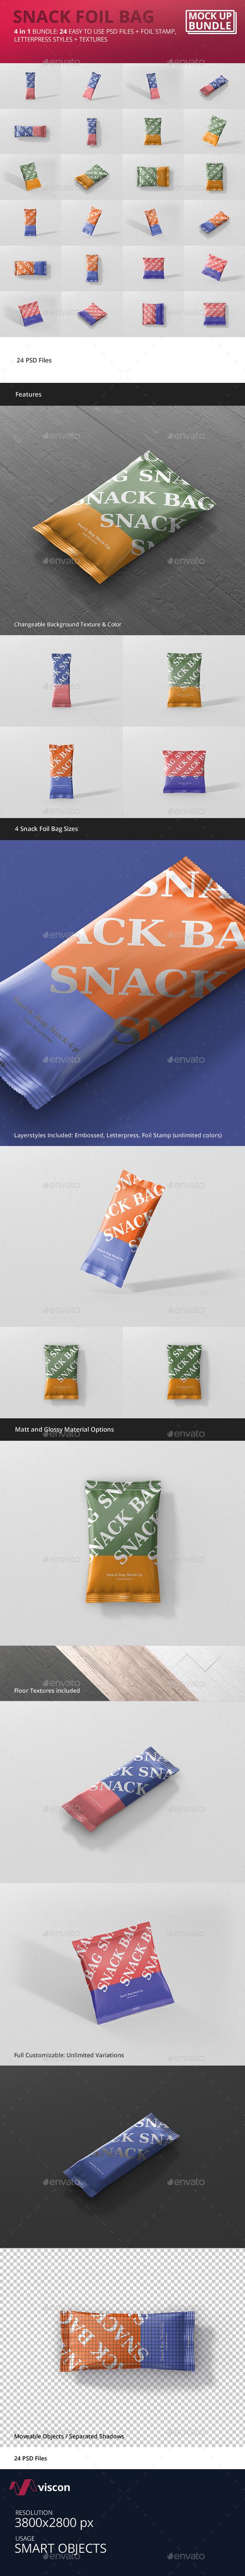 Snack Foil Bag Mockup Bundle - Food and Drink Packaging